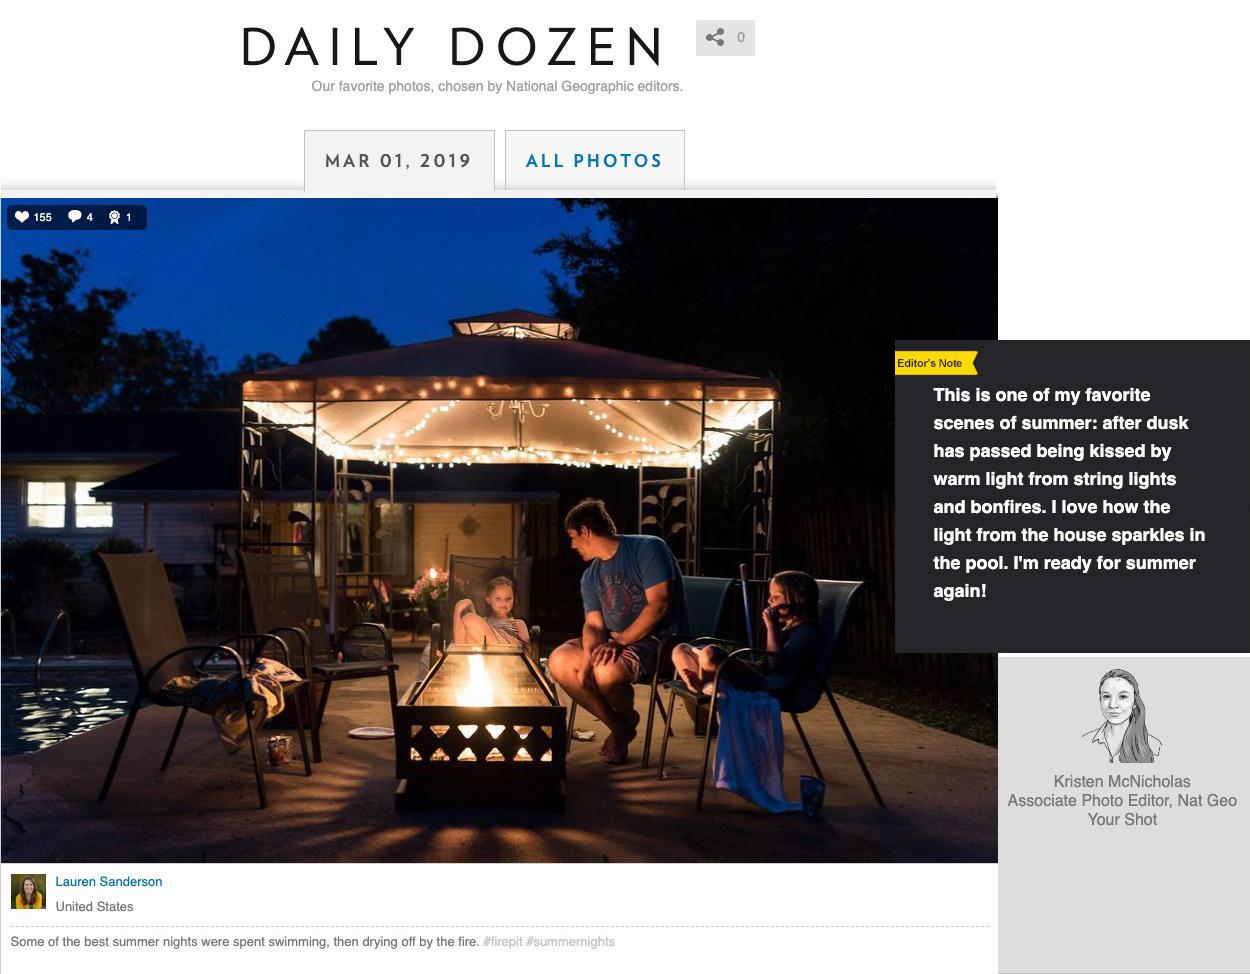 Daily_Dozen-March12019.jpg